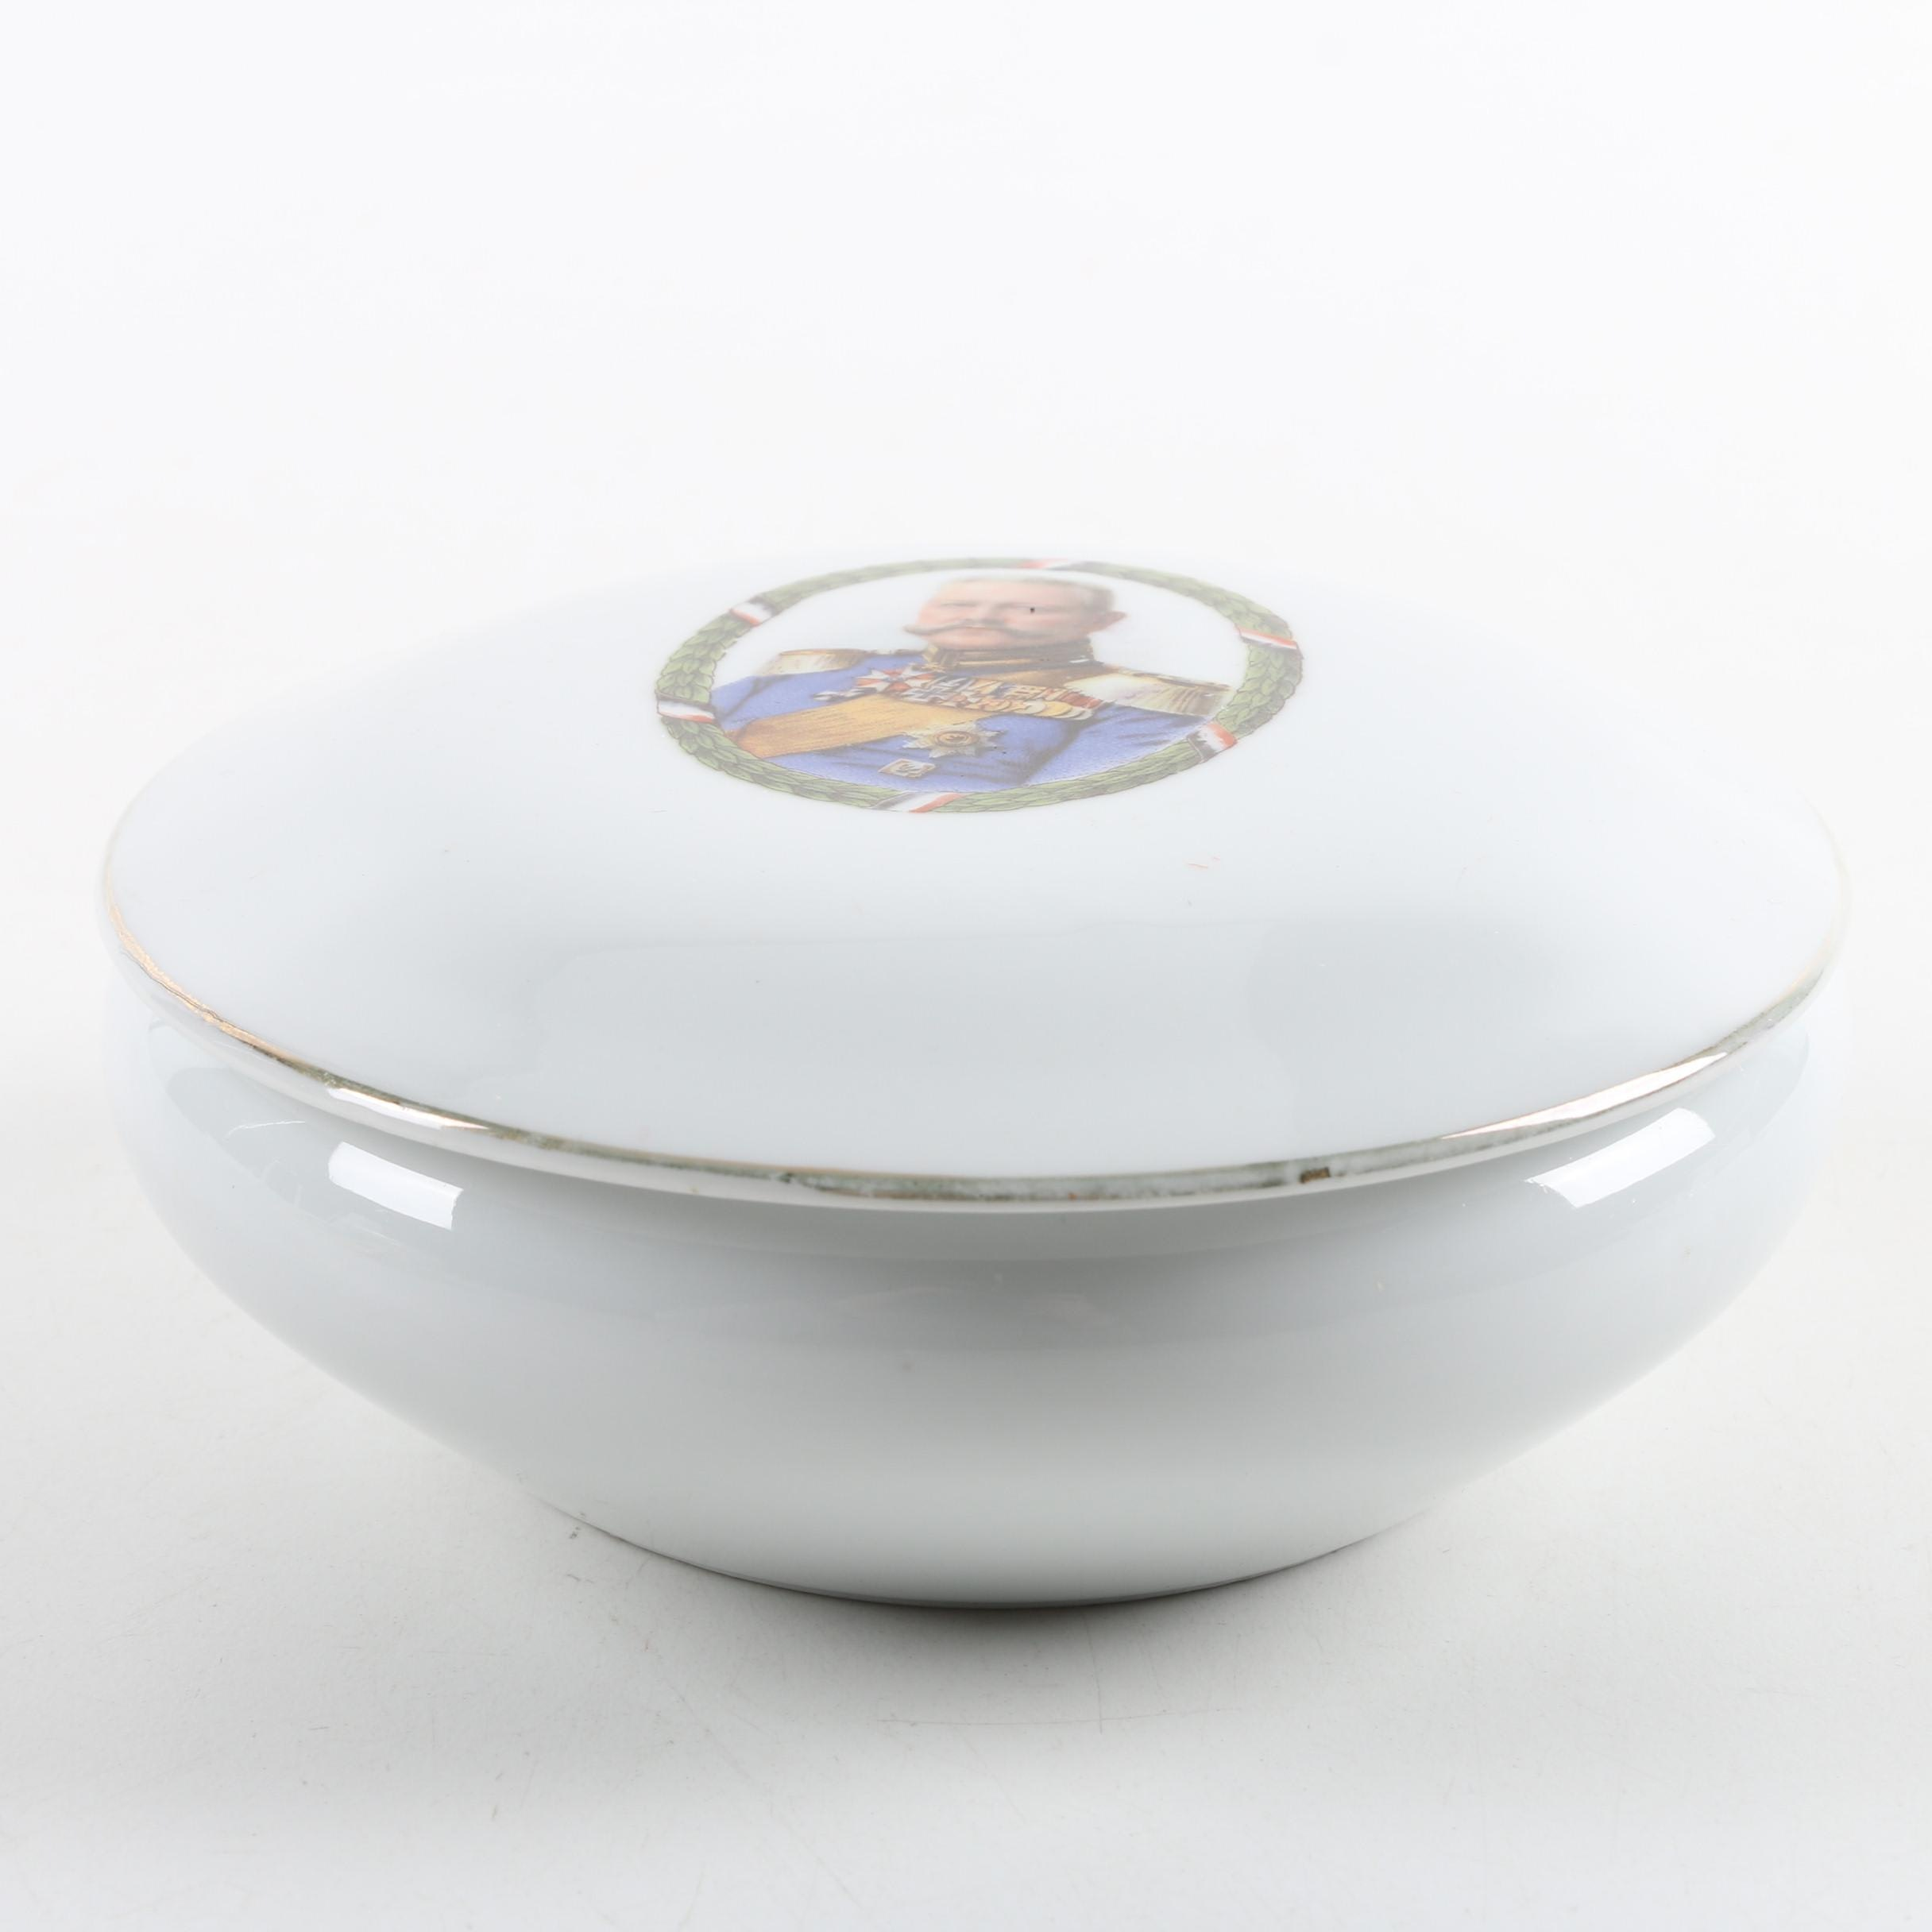 WWI Era German Paul von Hindenburg Porcelain Trinket Box